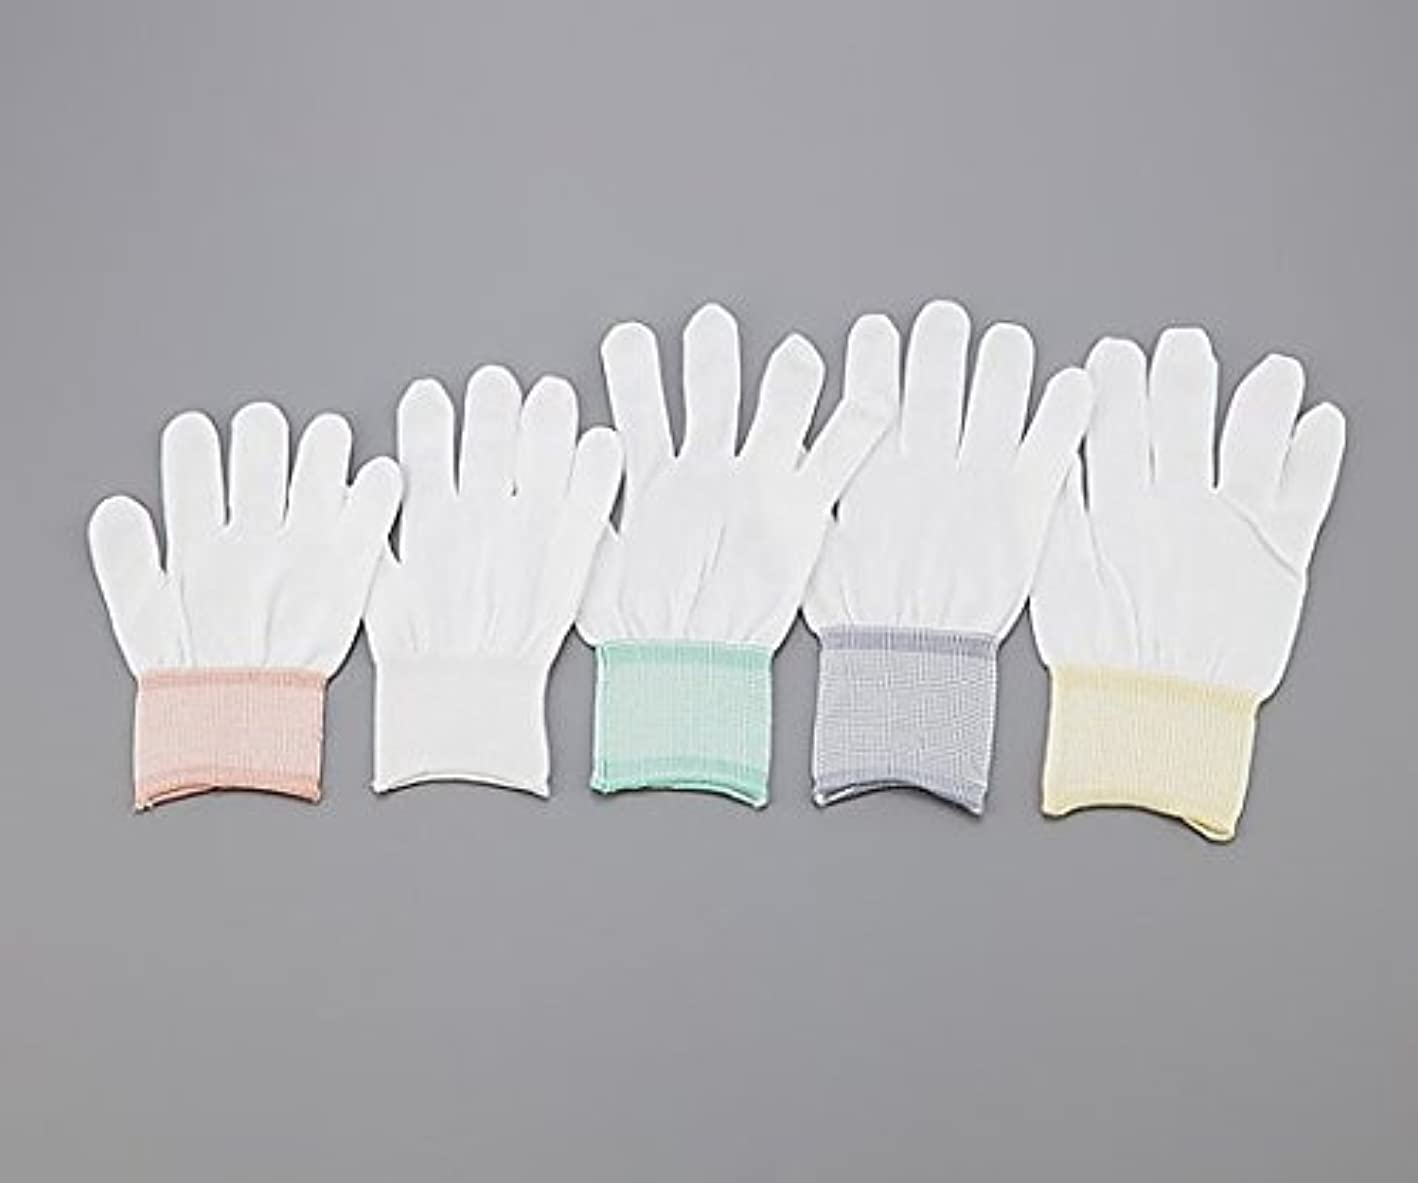 止まる分岐する法律によりアズピュア(アズワン)1-4294-02アズピュアインナー手袋指先有りM10双20枚